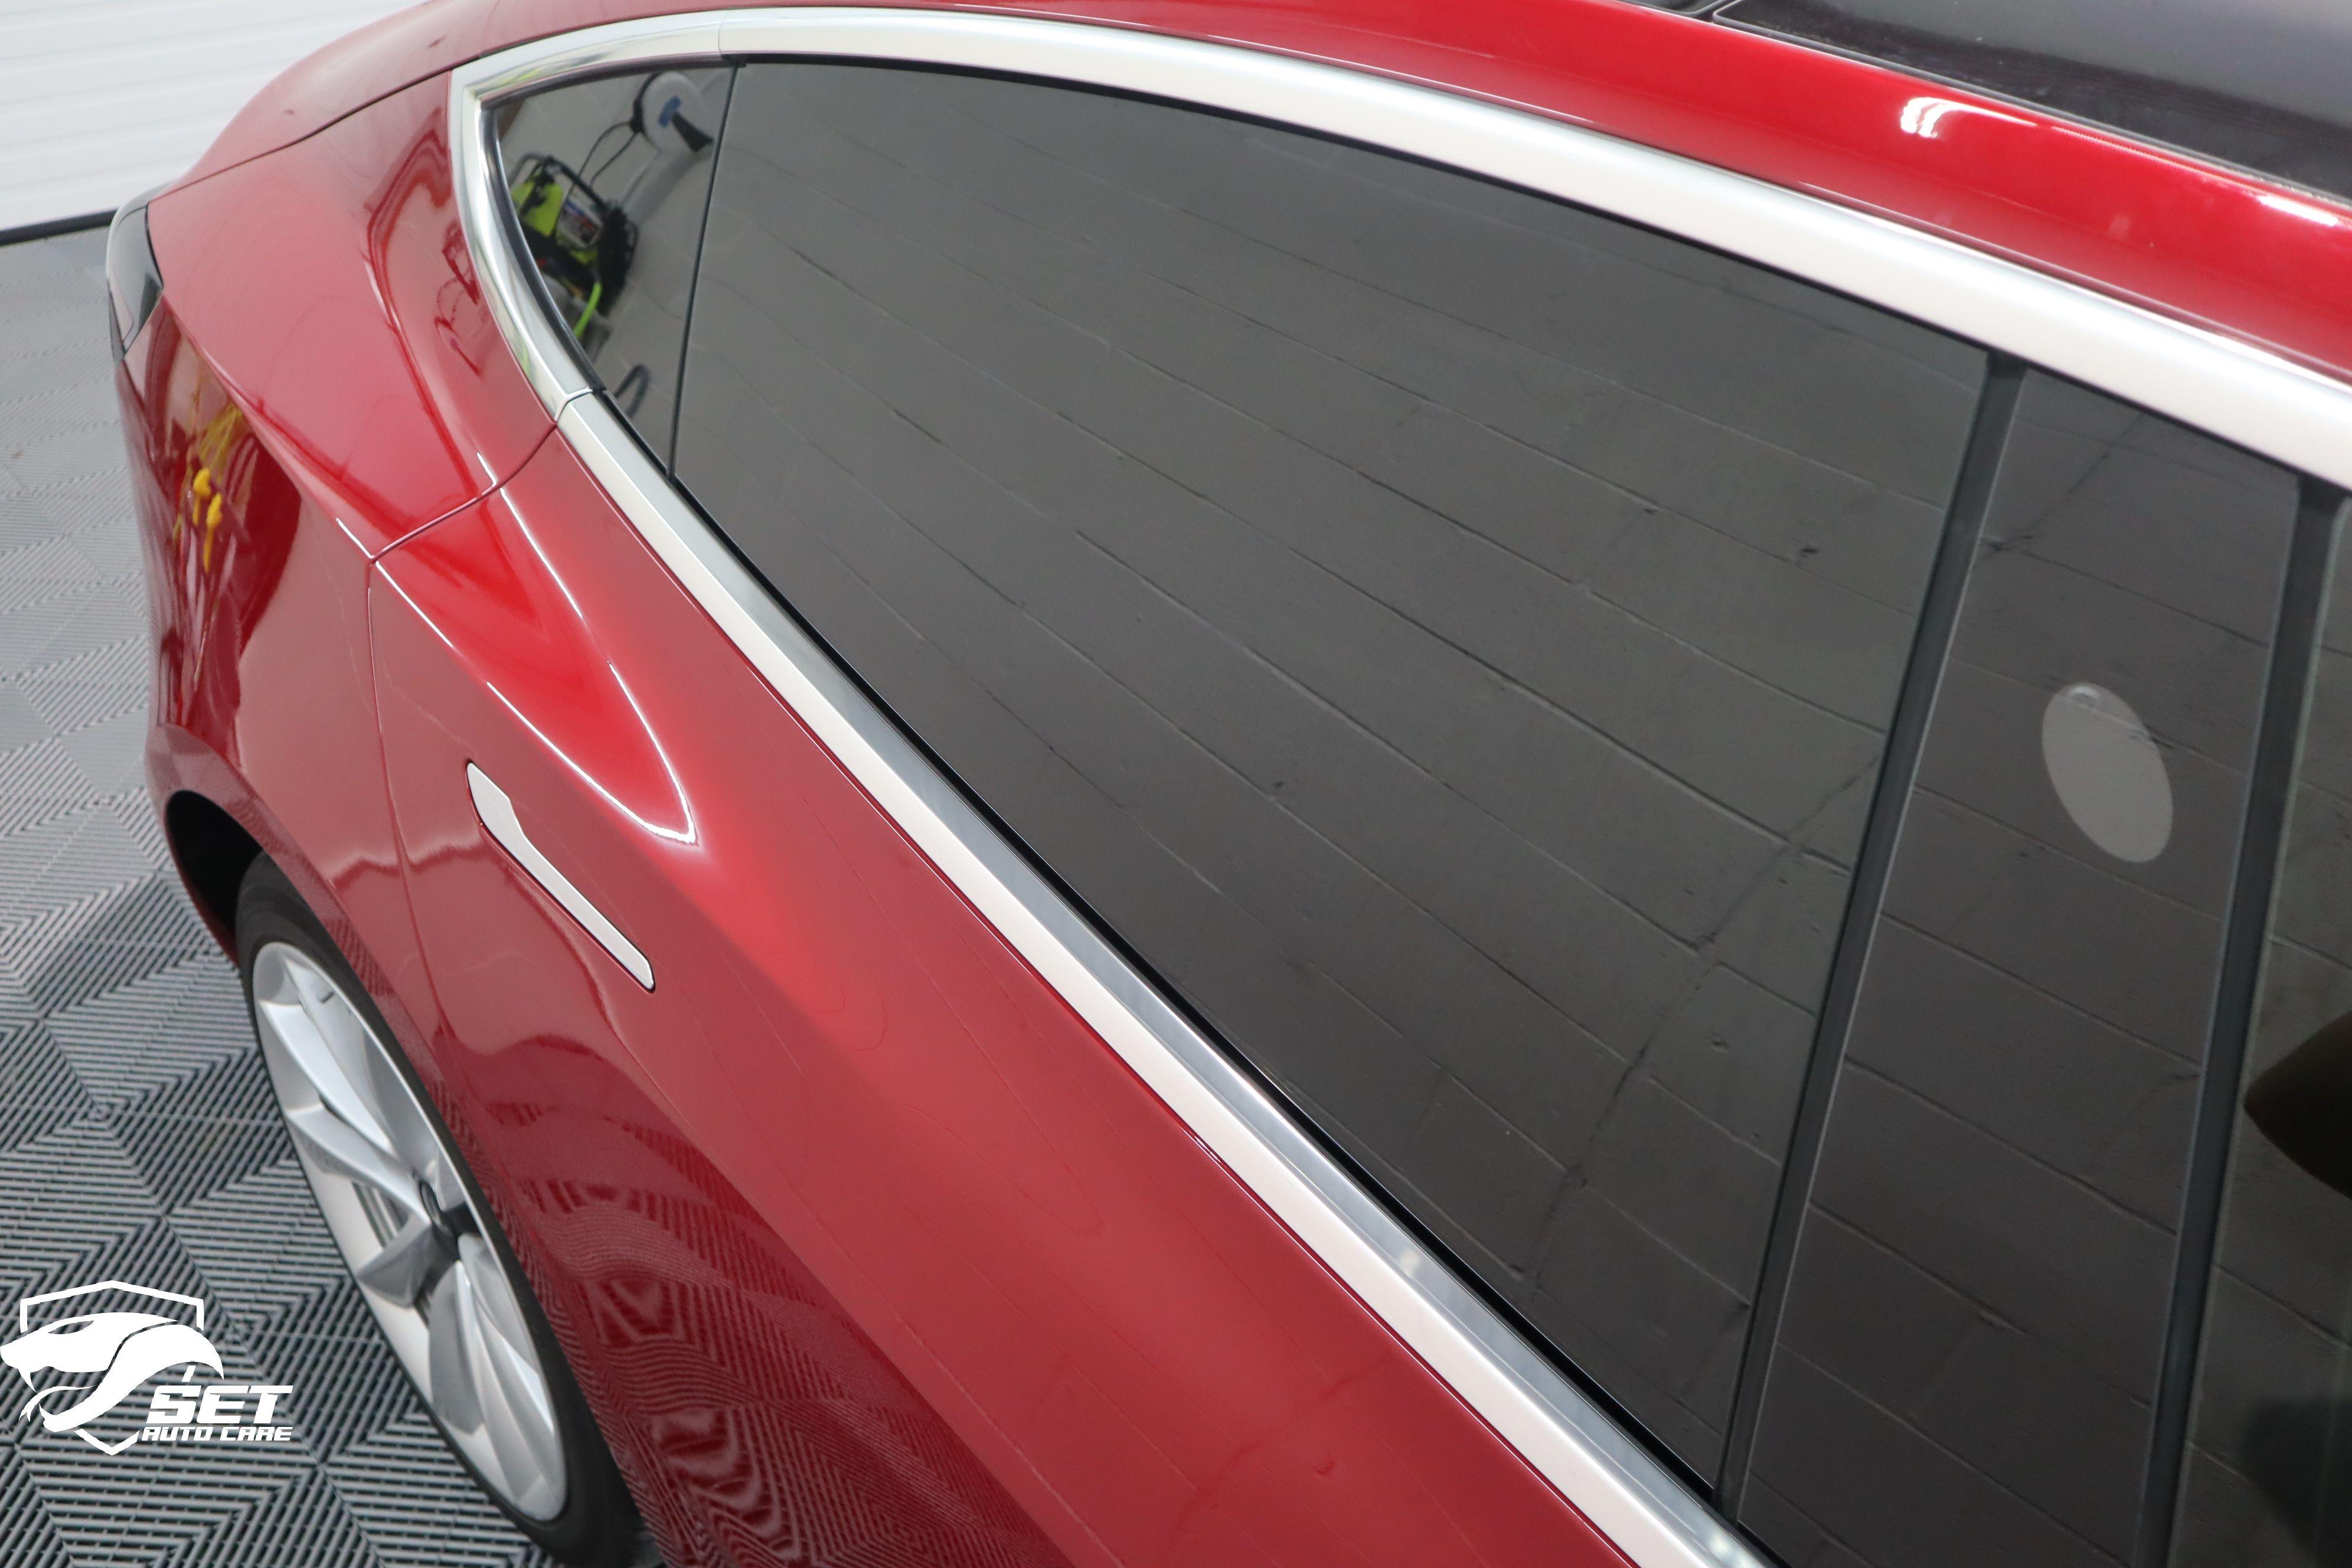 Tesla's with window tint